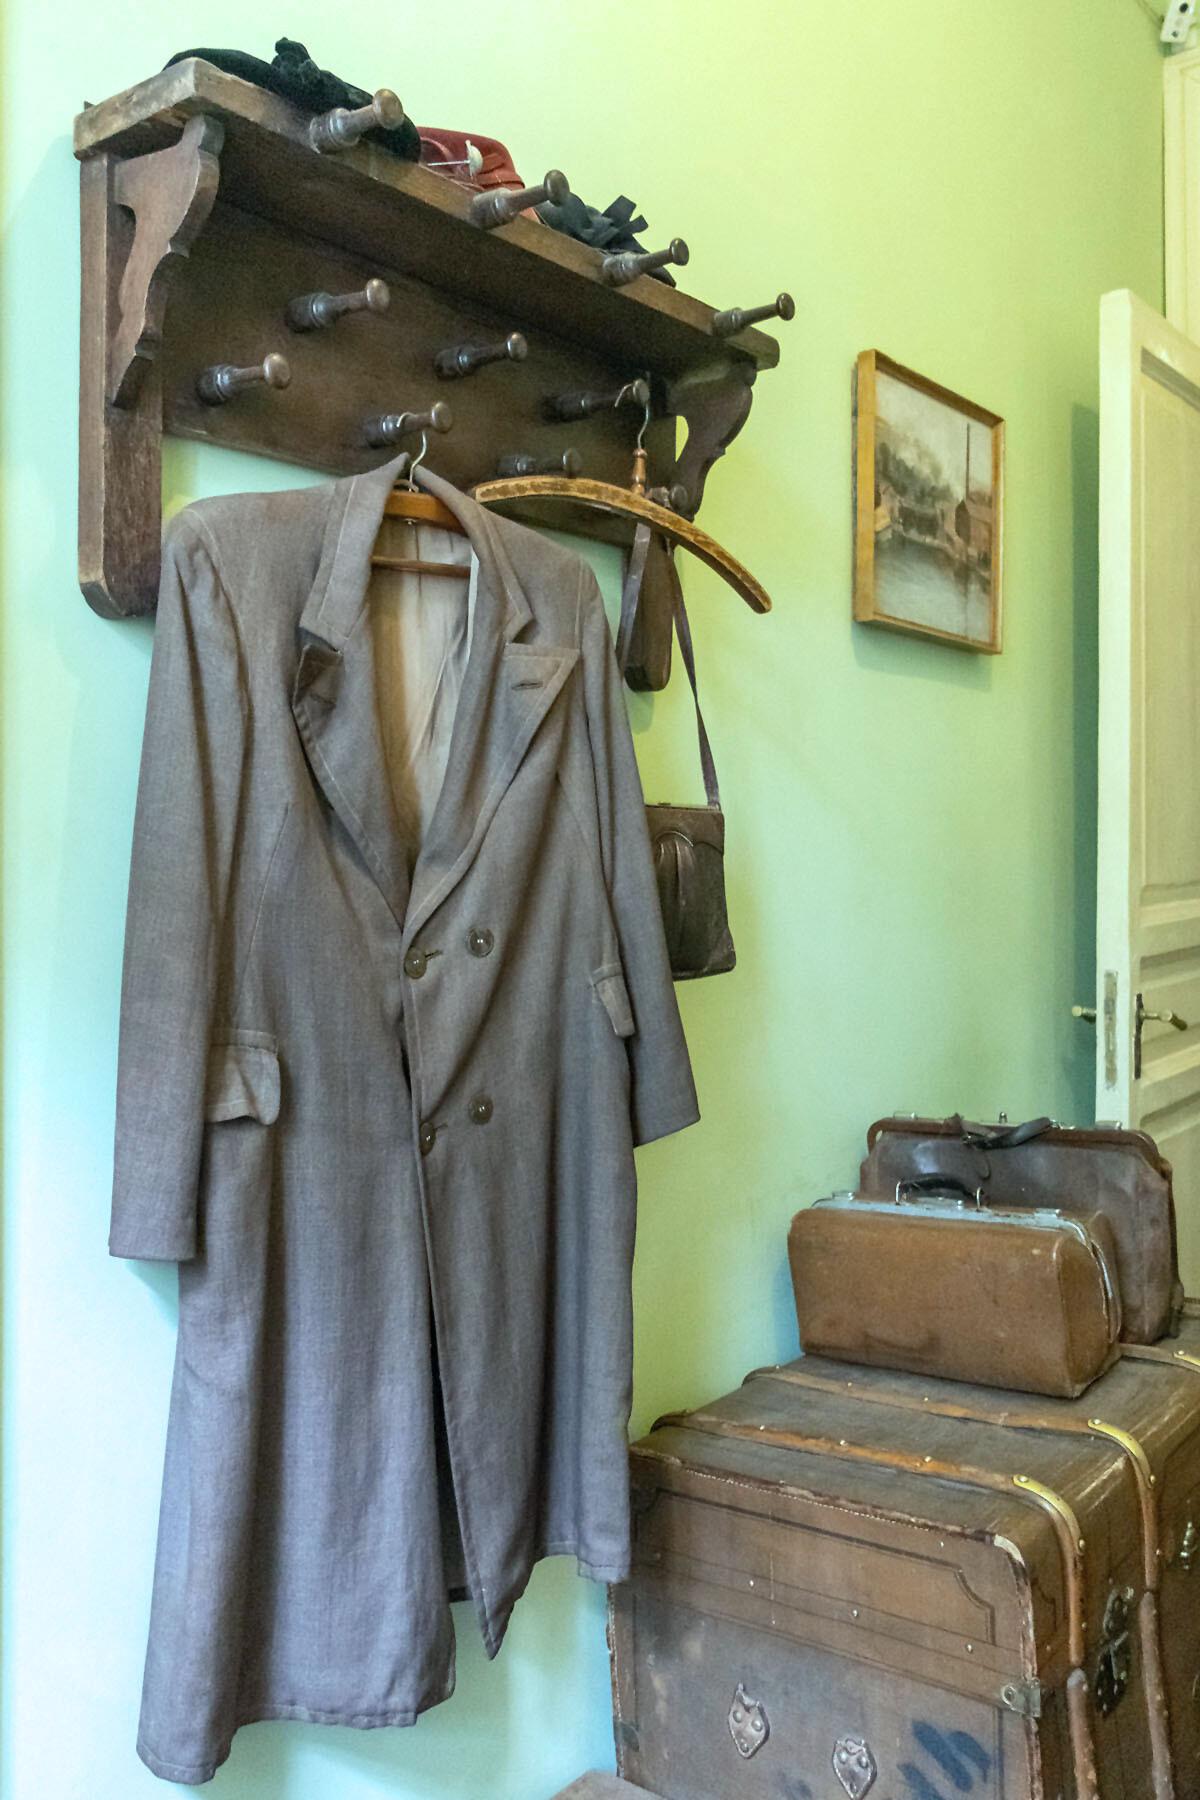 Лестница и прихожая в музее Анны Ахматовой в Фонтанном доме Петербурга IMG_1836-0.jpg